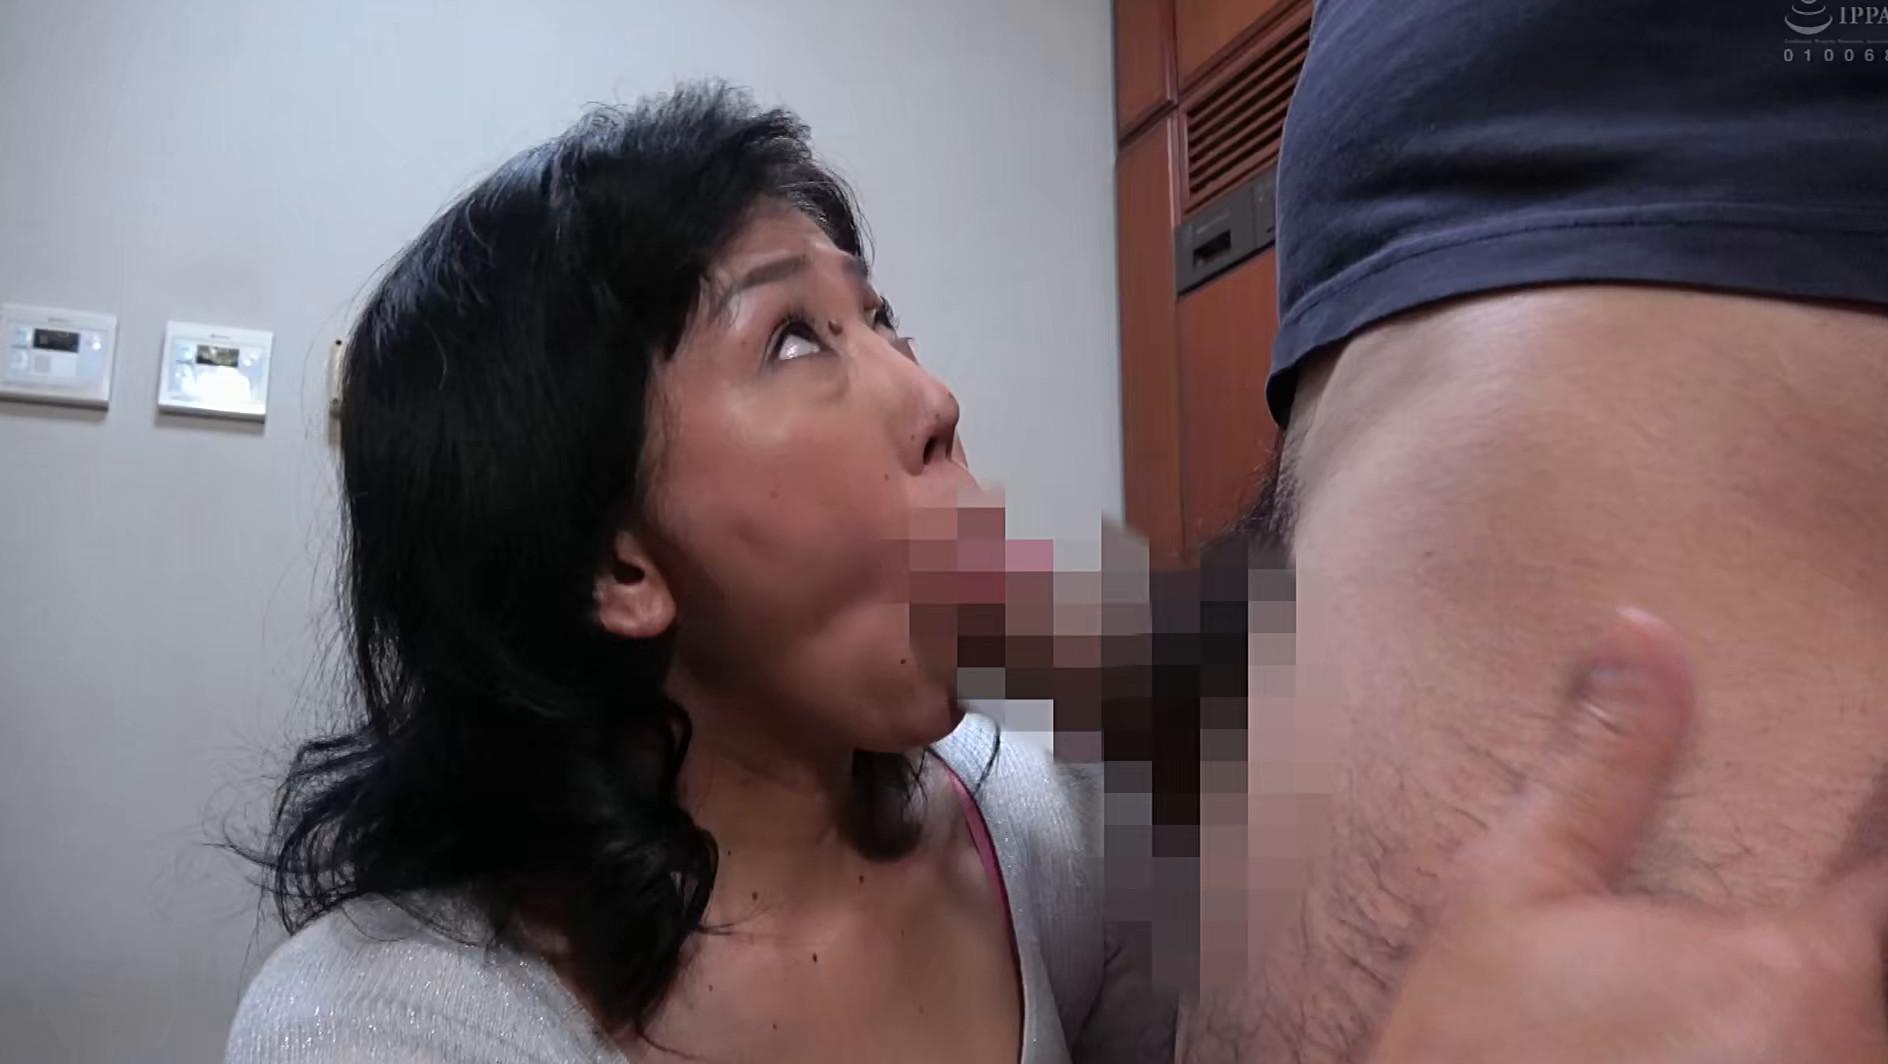 スケベな人妻が露出多目の薄着で逆ナンパ誘惑 画像16